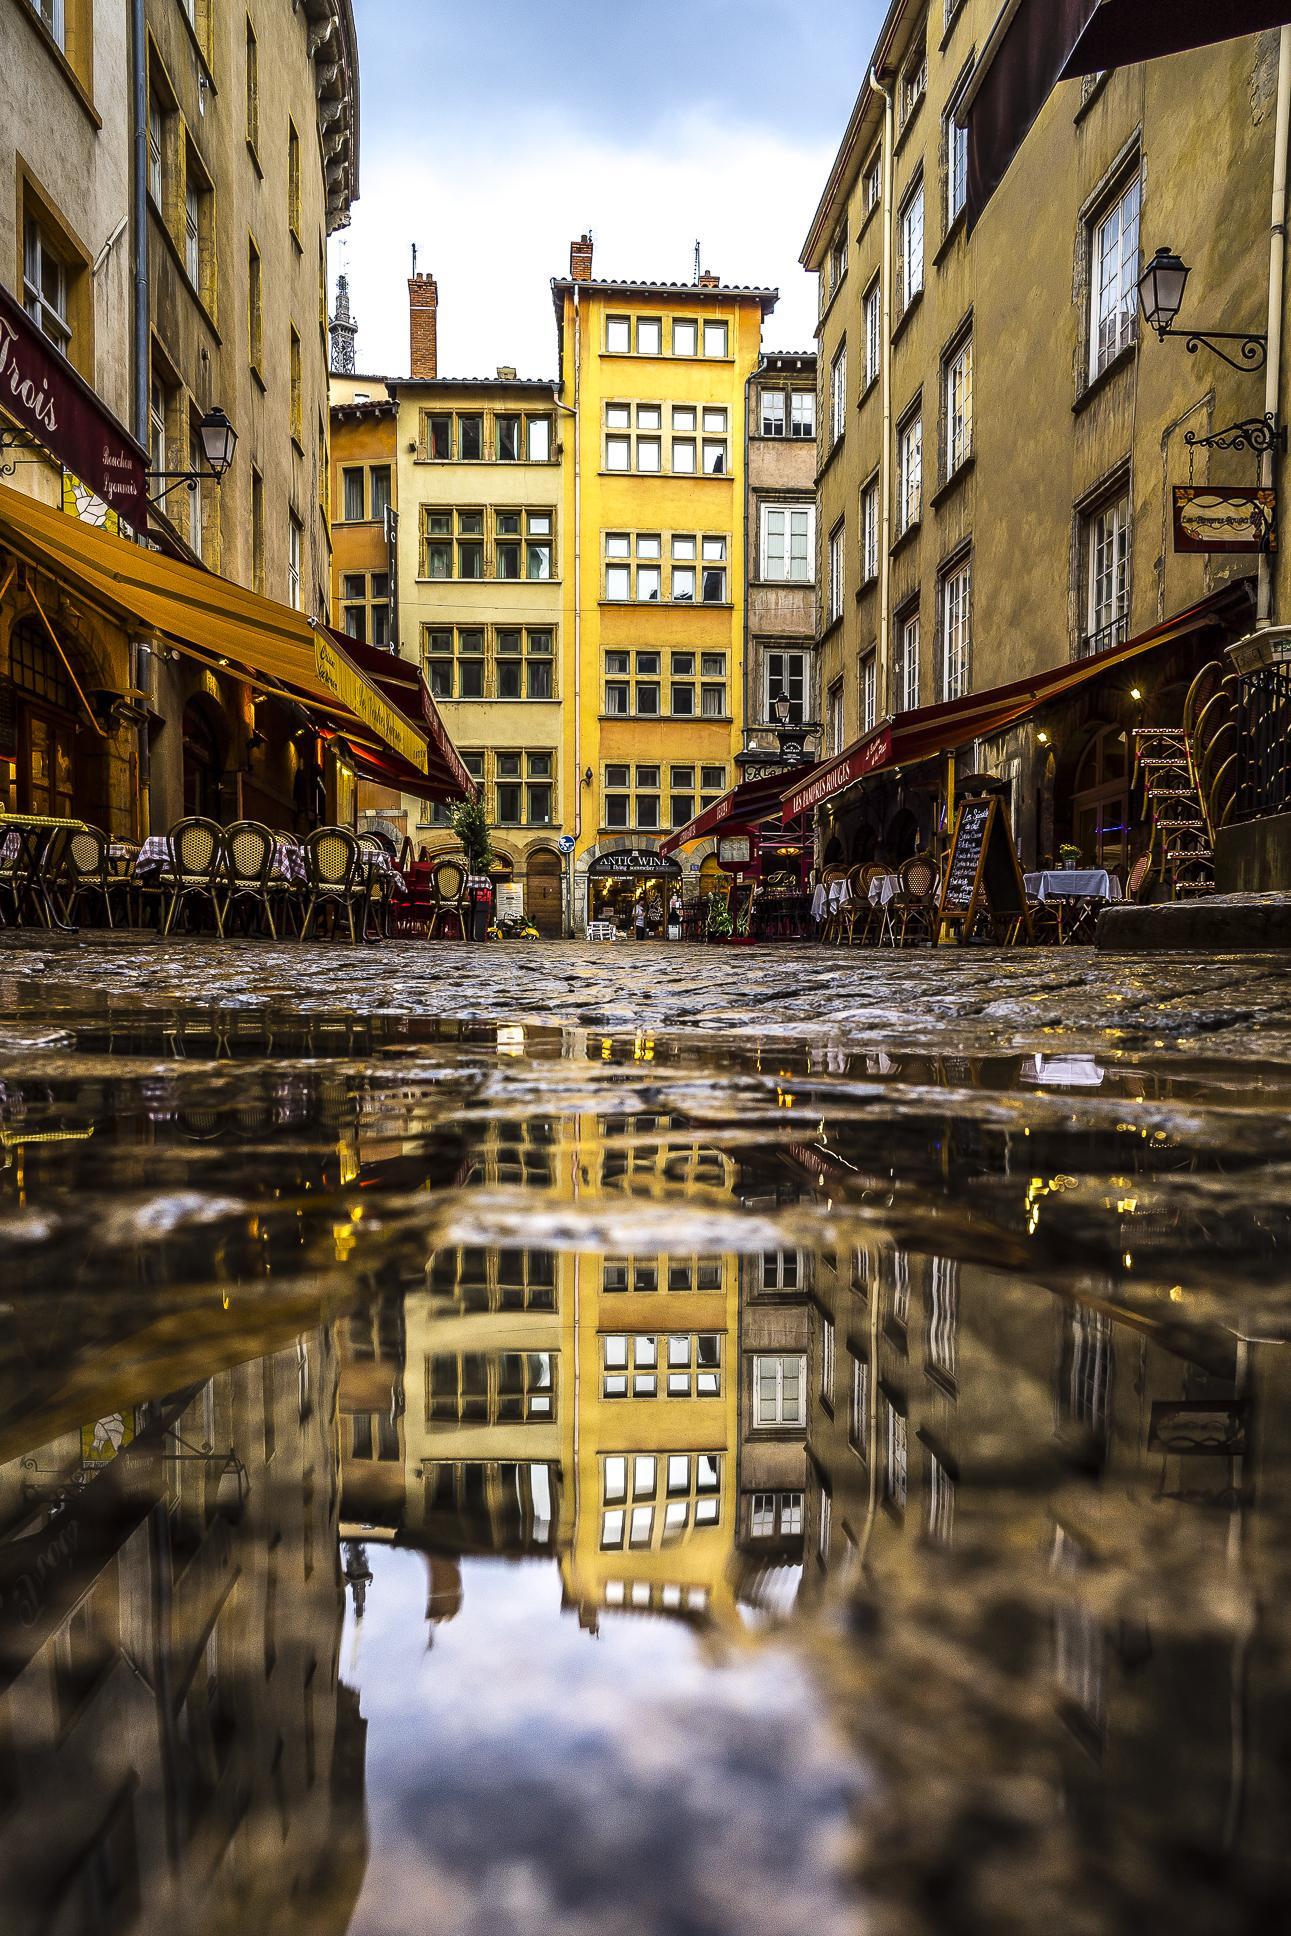 Vieux Lyon, France - Place Neuve Saint-Jean reflecting in a puddle